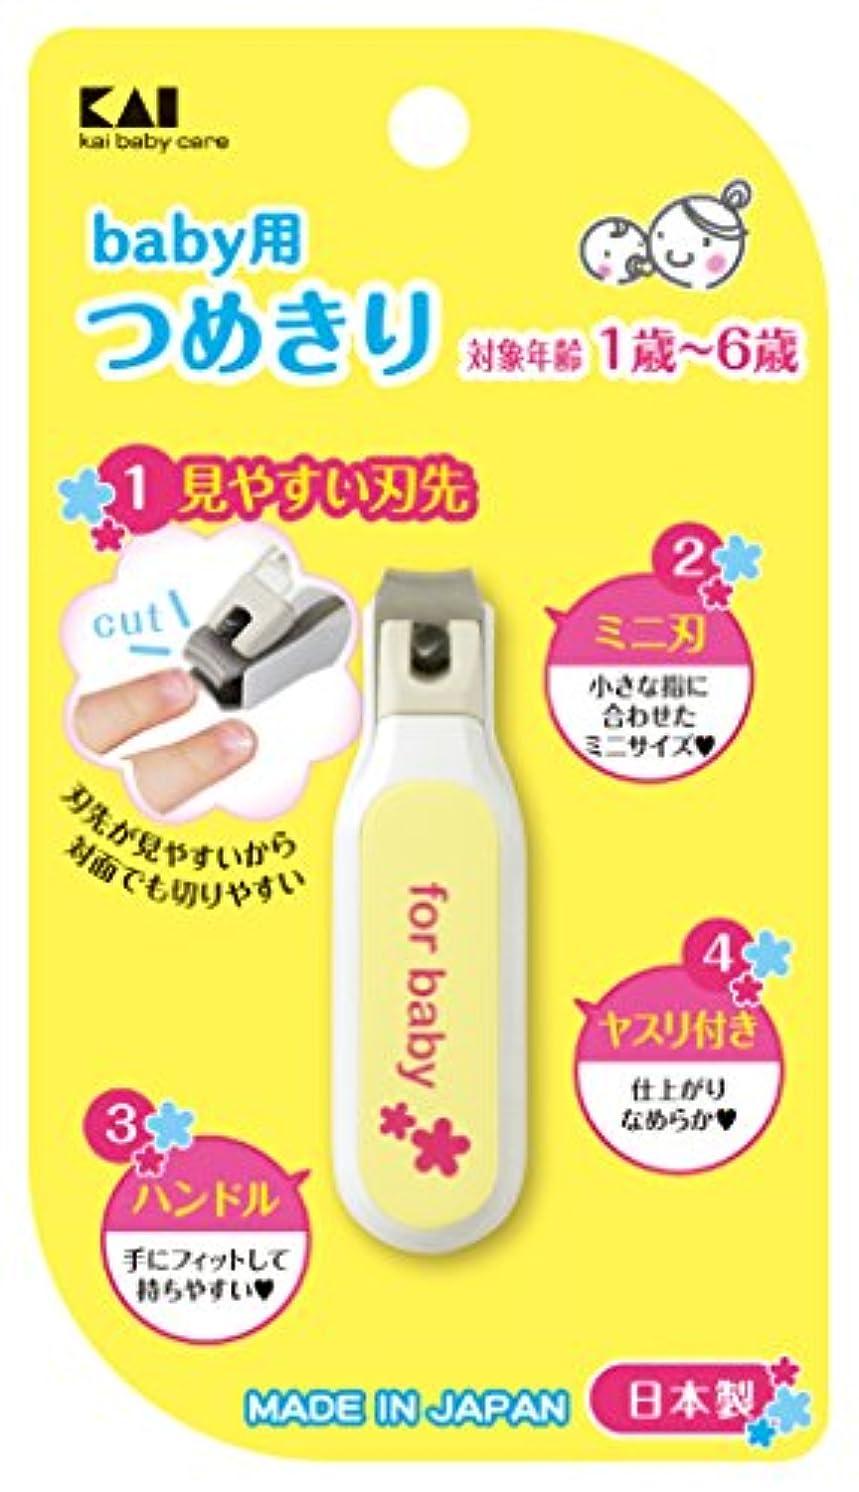 ストライプスマートそれる貝印 ベビー用つめきり 対象年齢1歳?6歳 KF-0126 爪切り 1個入